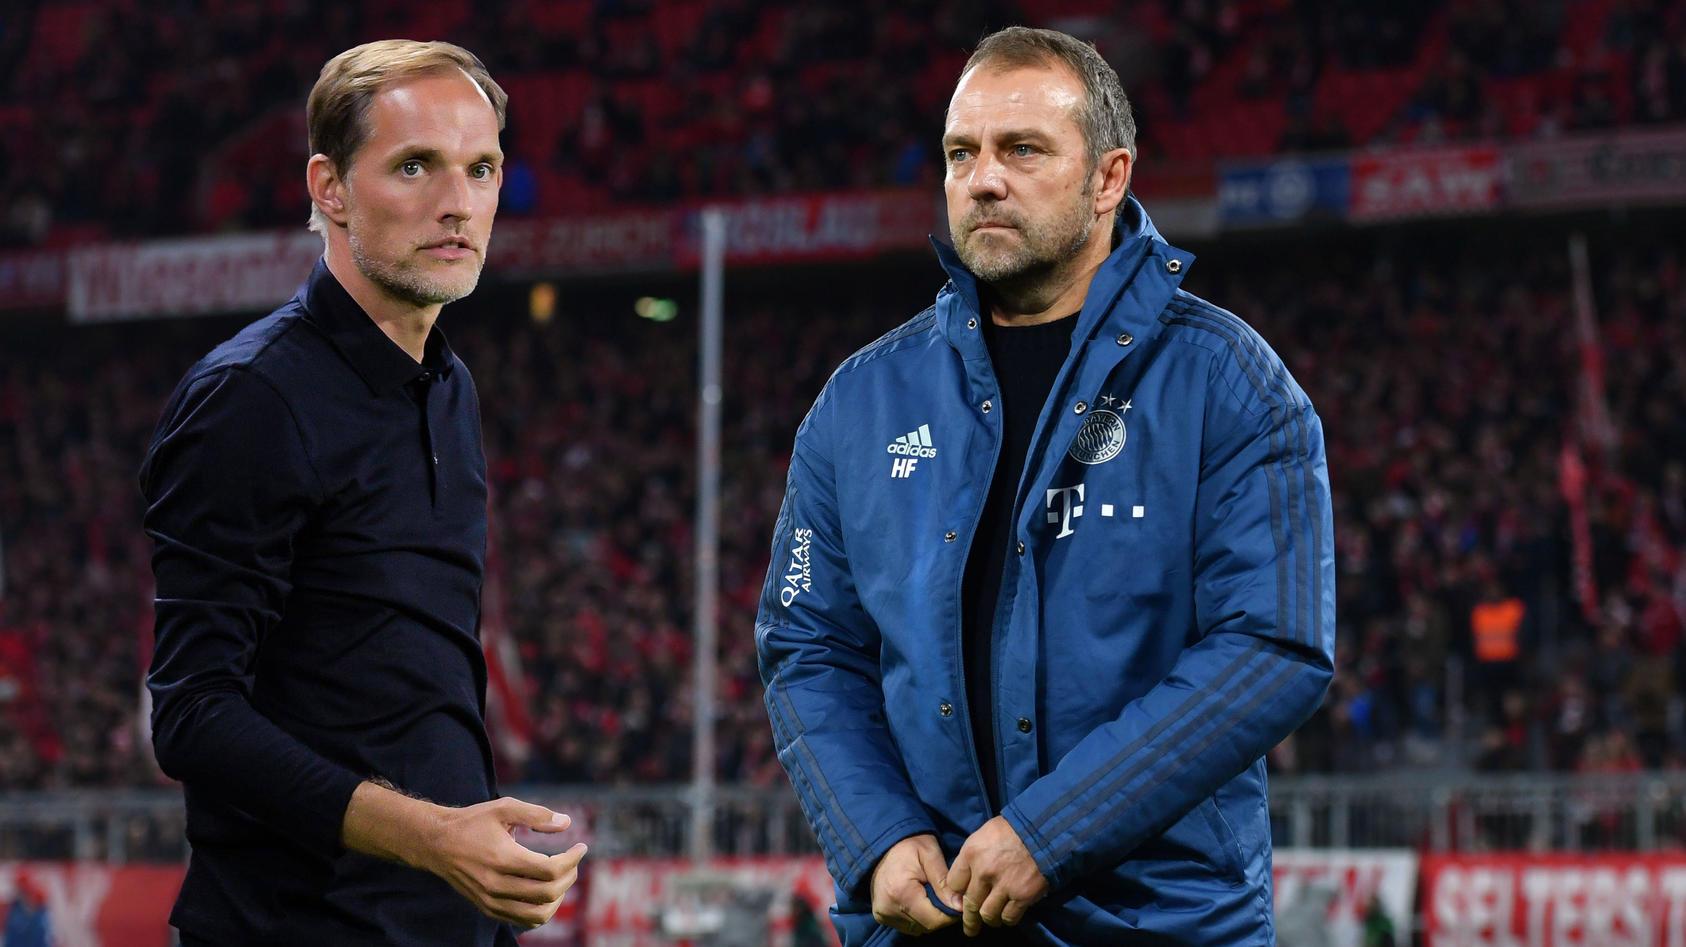 弗里克对阵图赫尔,欧冠决赛第二次两位德国主帅重逢